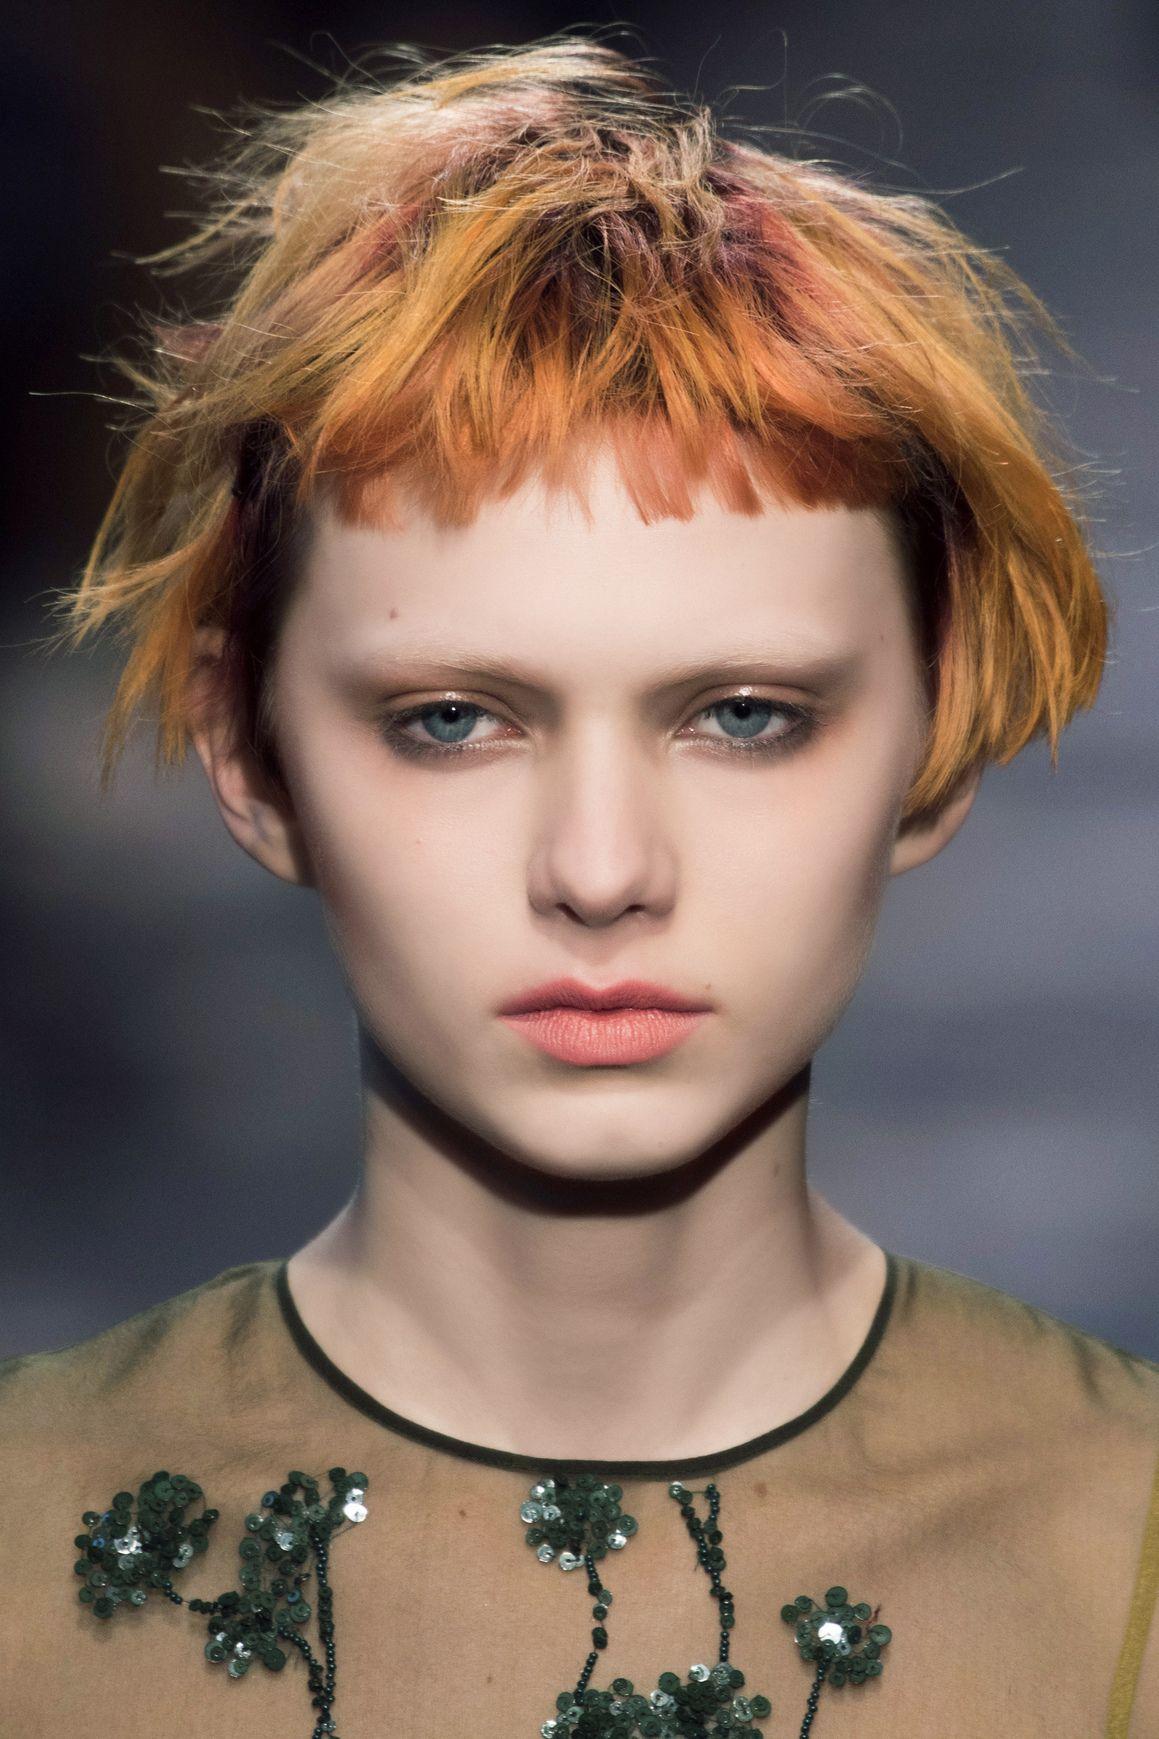 hair cropped short blonde makeup tips bangs crop salad night bloglovin